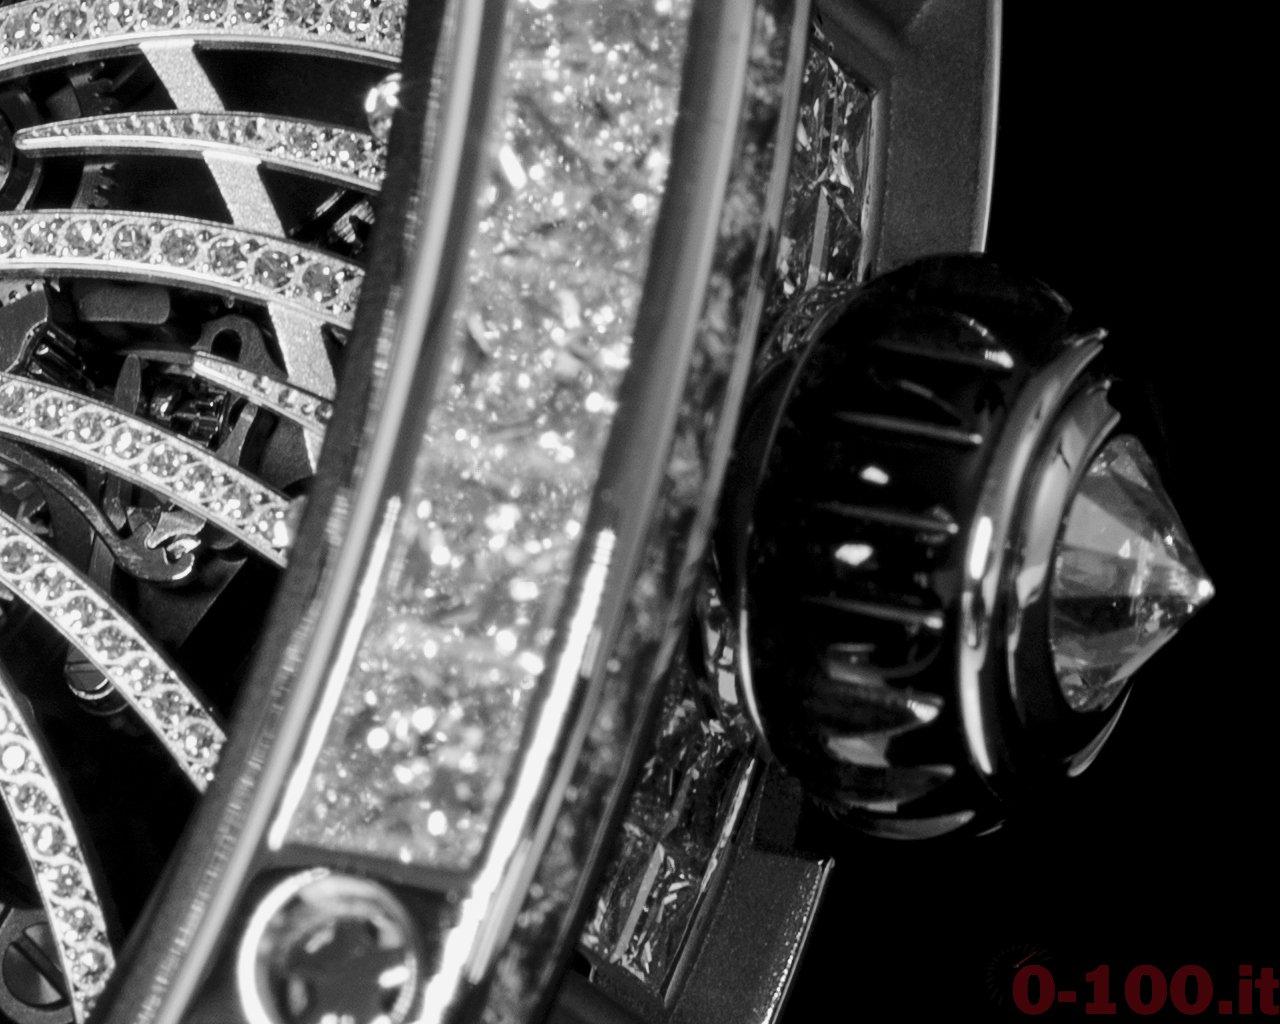 sihh-2015-richard-mille-rm-51-02-tourbillon-diamond-twister-0-100_11